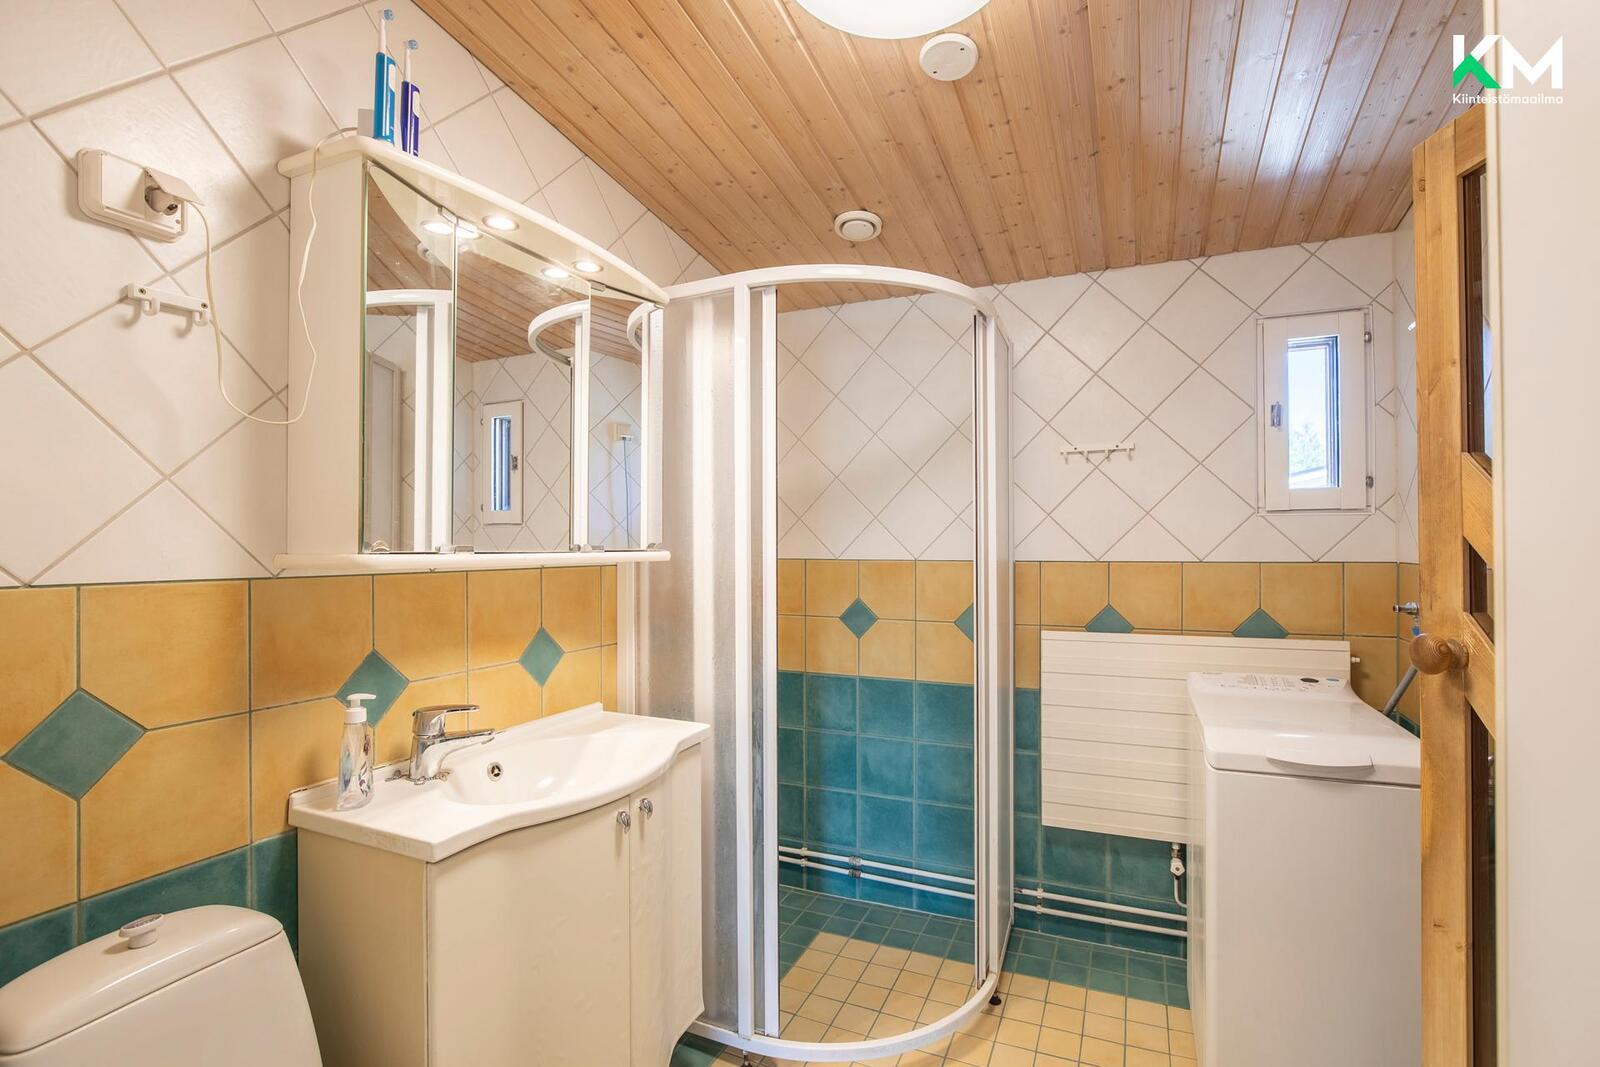 Kylpyhuone on päivitetty 2000-luvun alussa